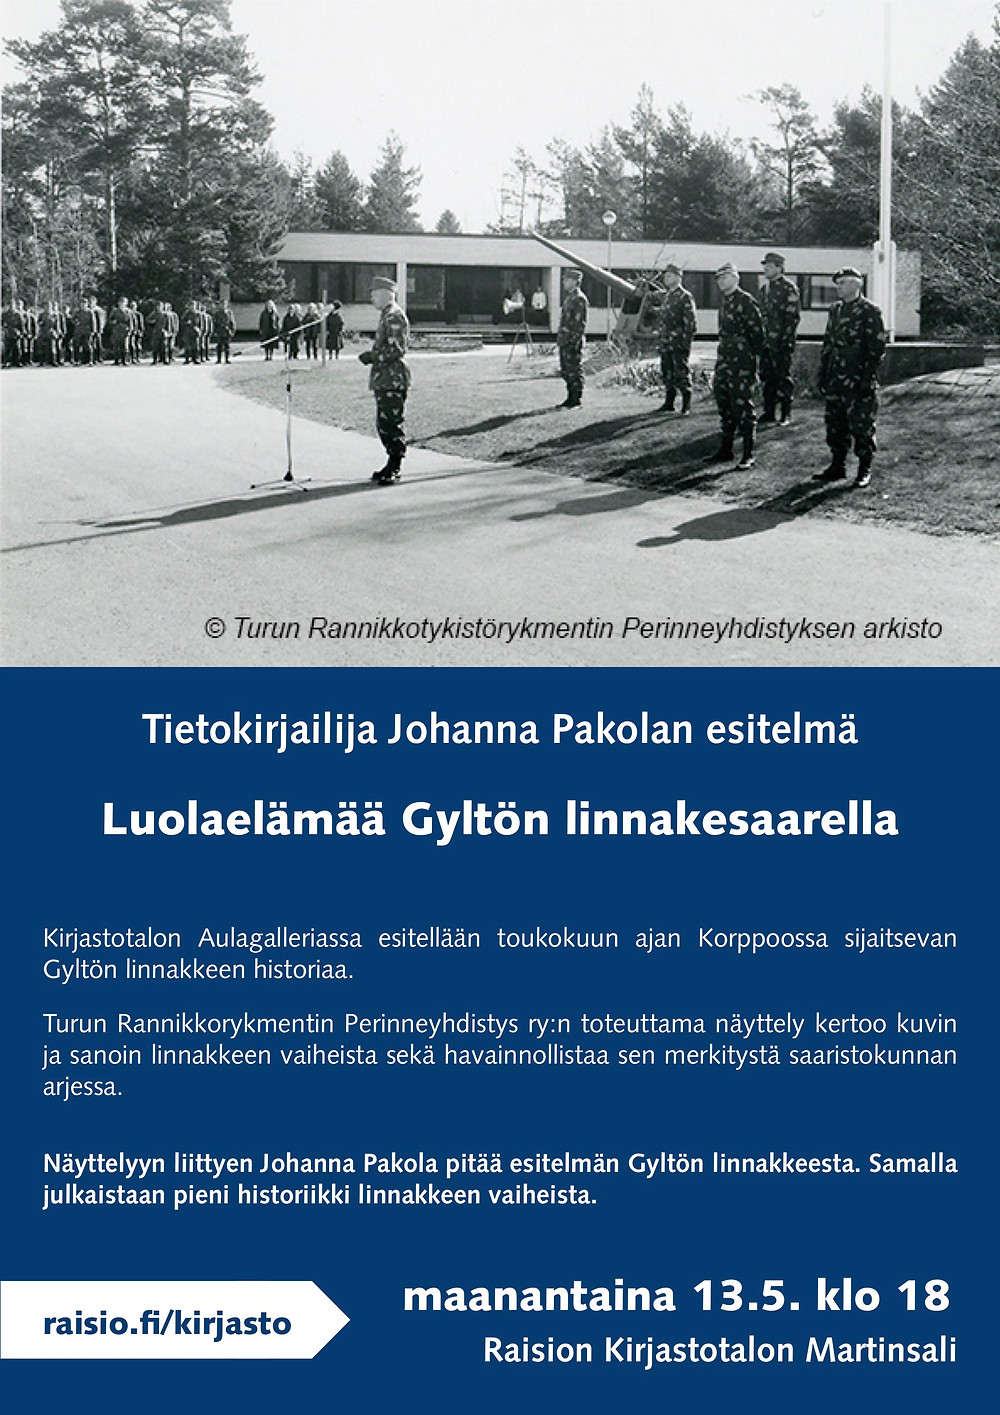 Johanna Pakola: luolaelämää gyltön linnakesaarella